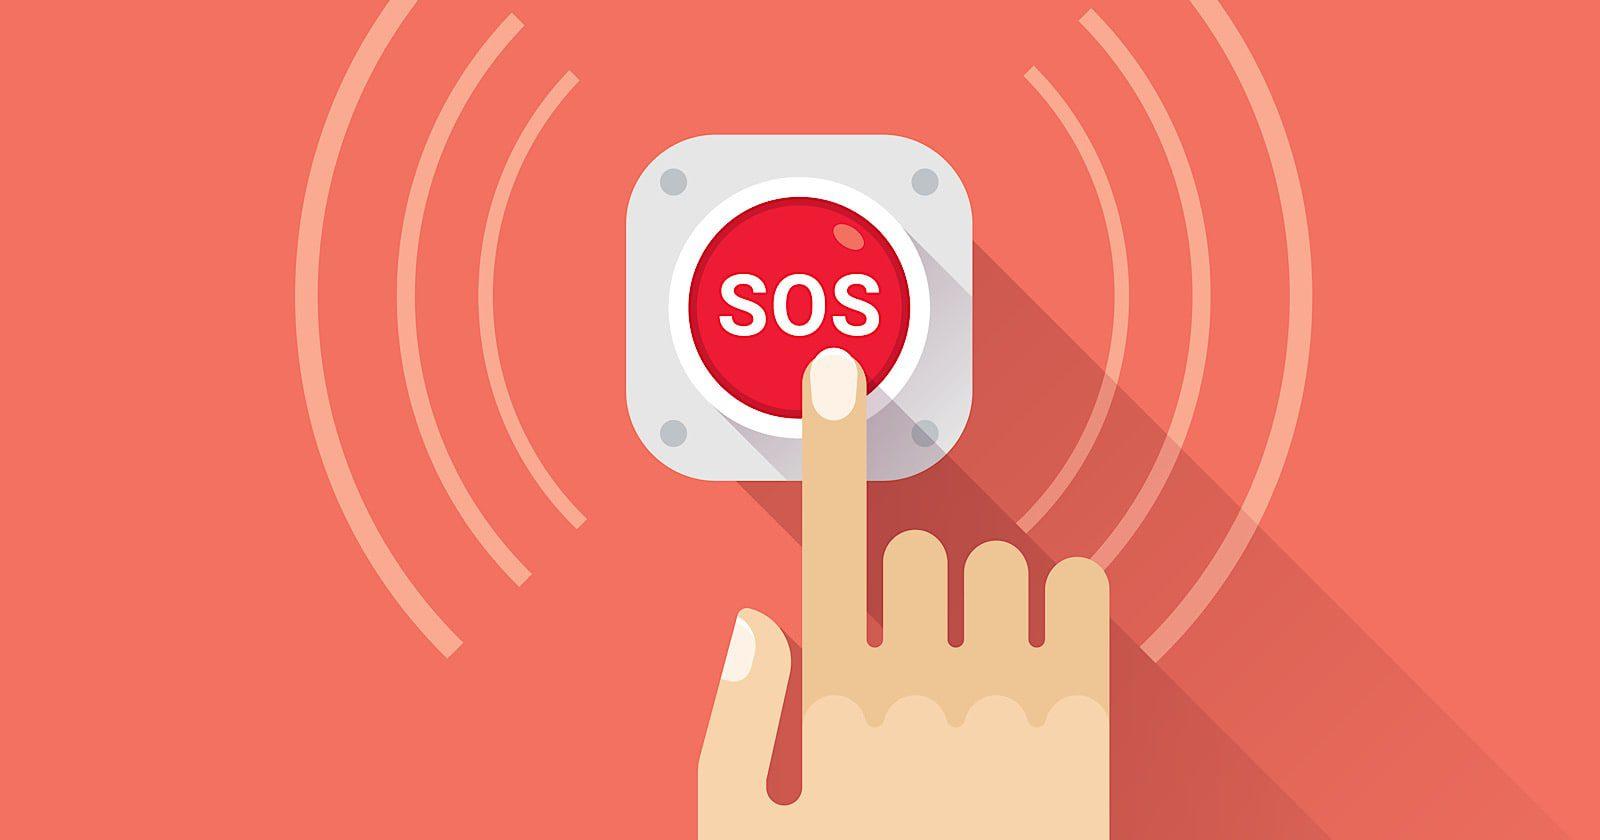 دکمه SOS